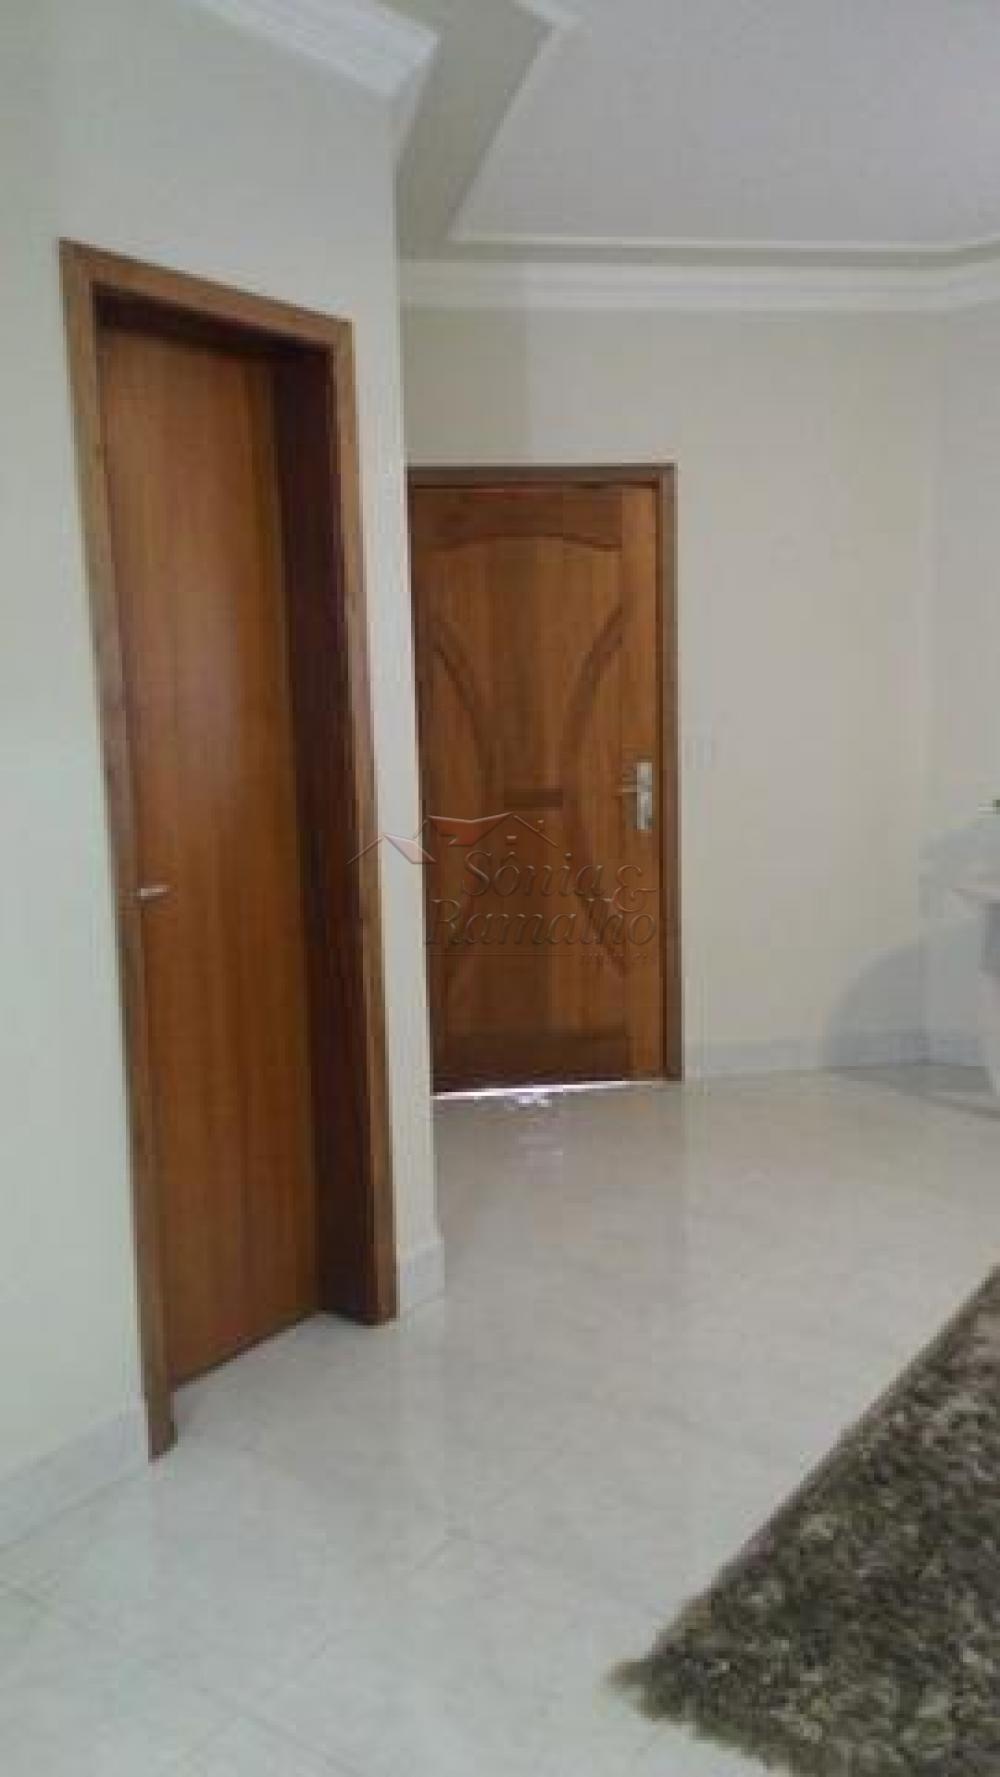 Comprar Casas / Padrão em Ribeirão Preto apenas R$ 550.000,00 - Foto 19